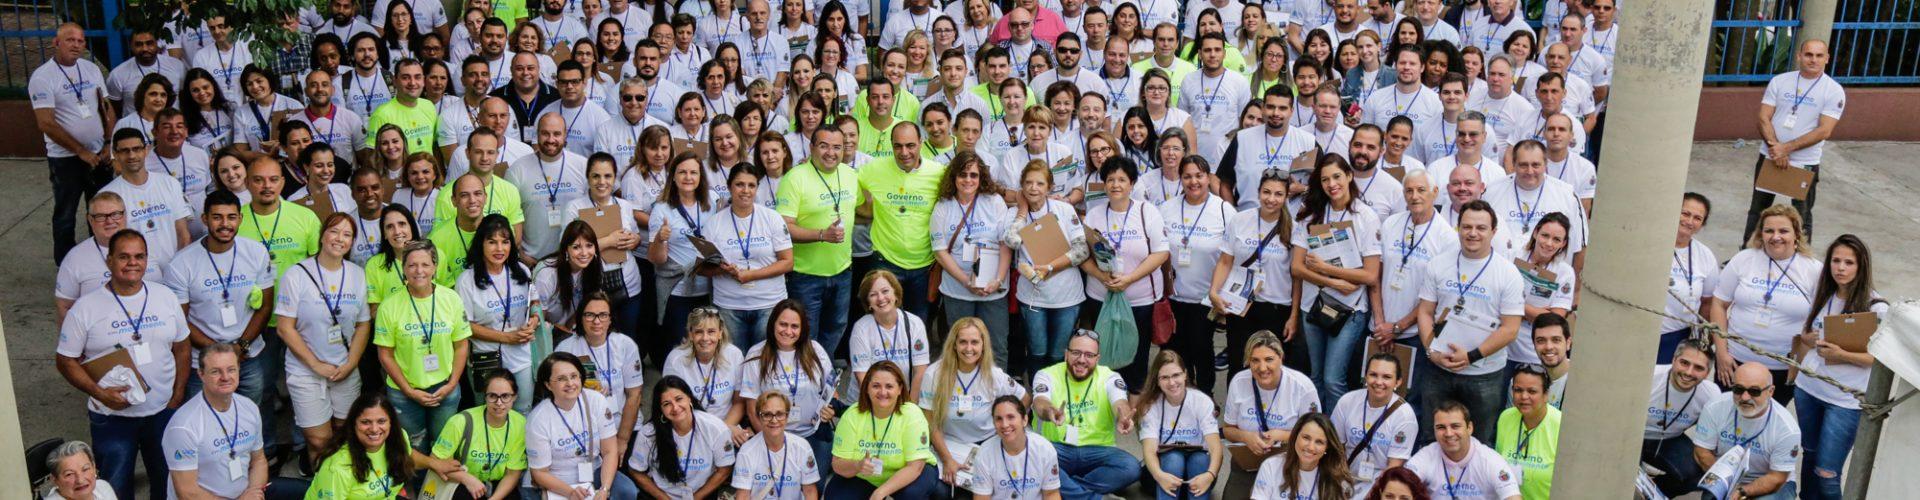 Atendimento porta a porta atinge 3.350 pessoas em SCS com o 'Governo em Movimento'